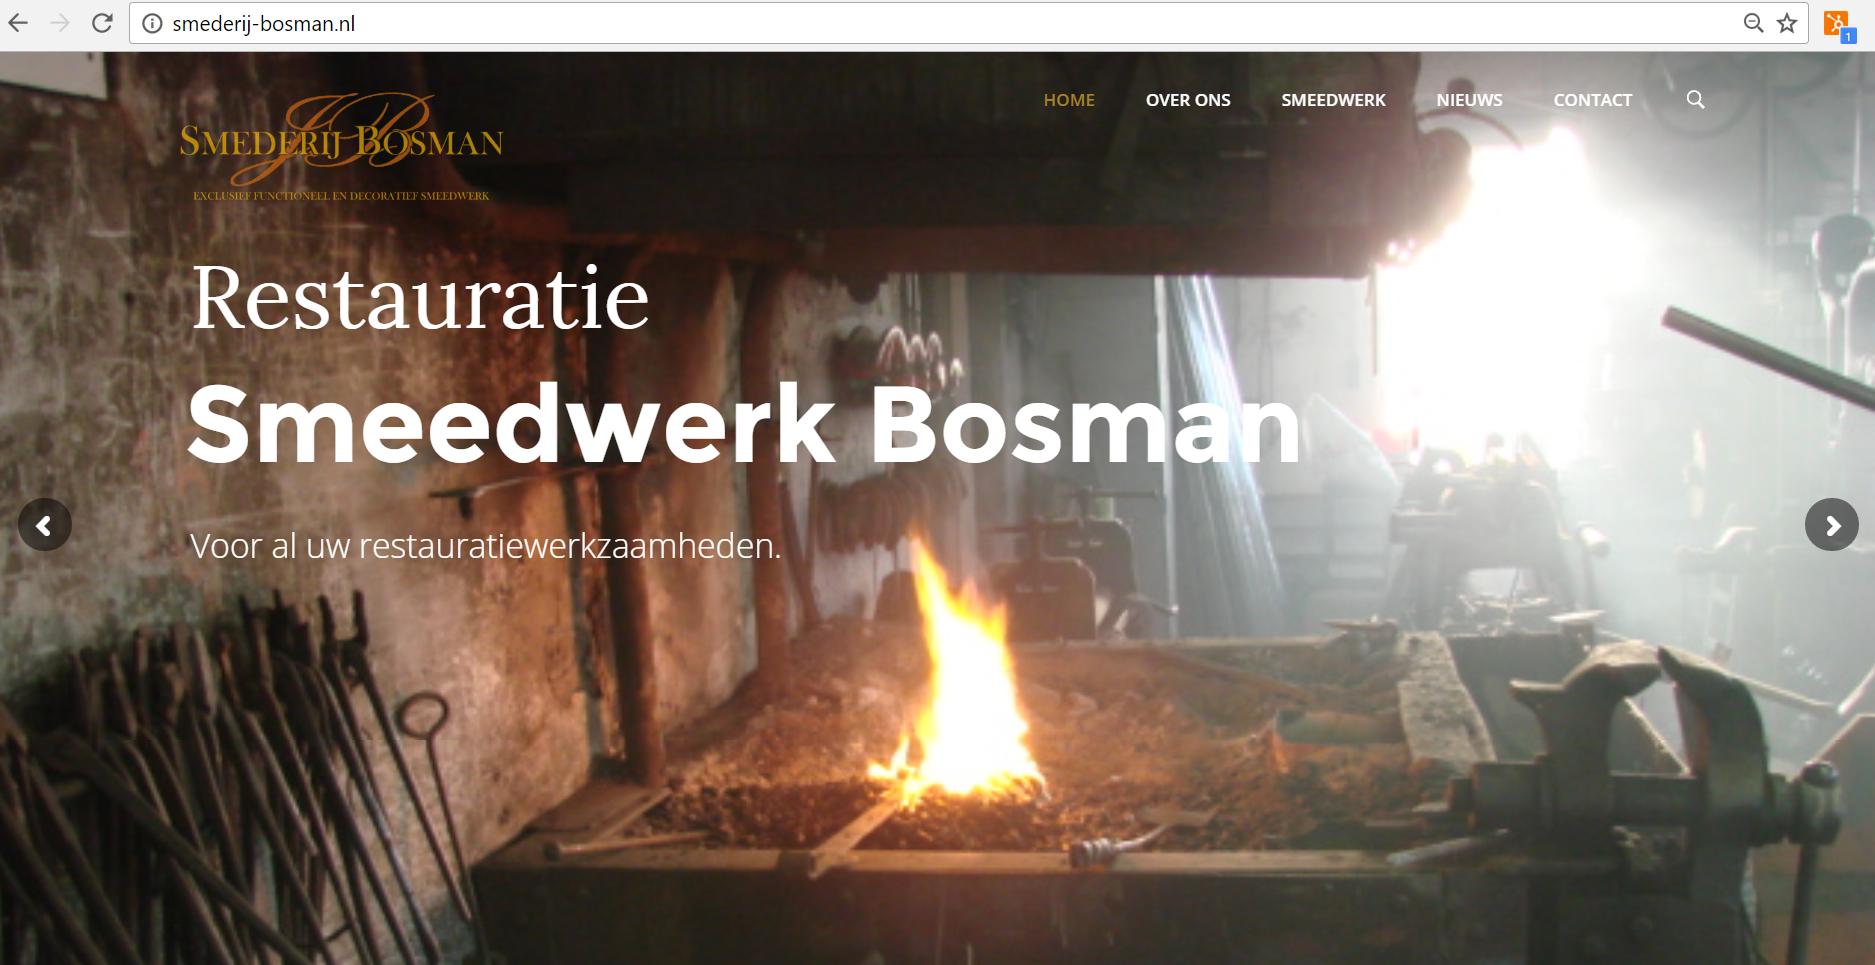 Smederij Bosman Winterswijk